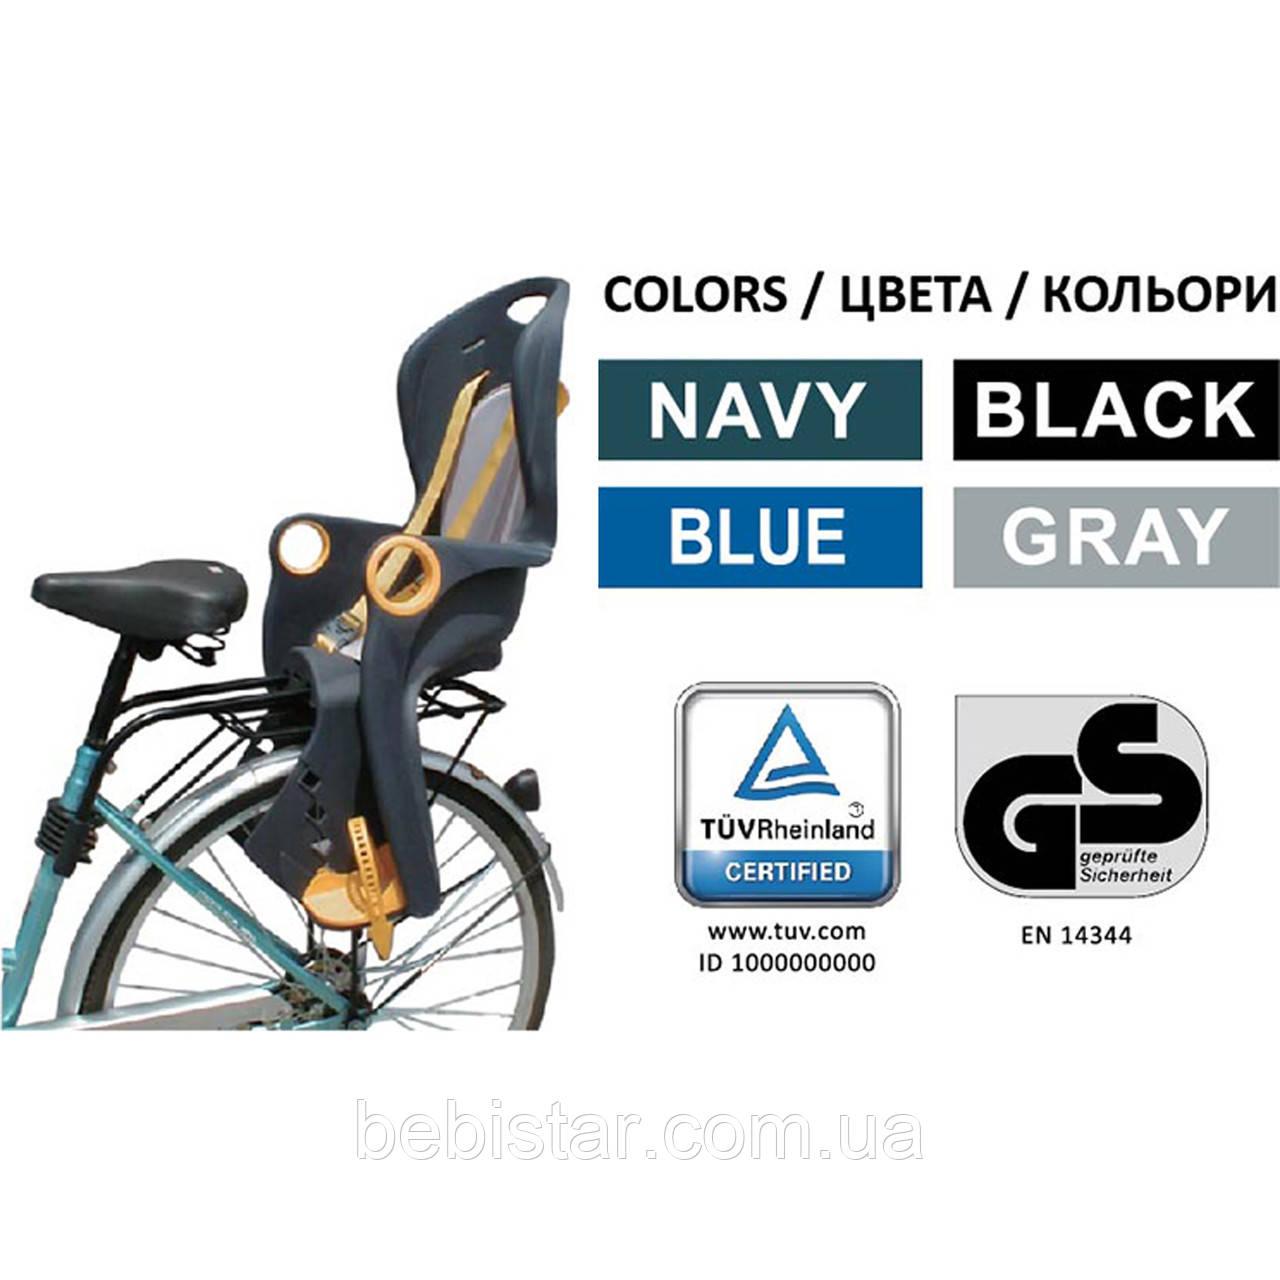 Велокрісло сіре TILLY T-821 з установкою позаду сидіння до підсідельної труби